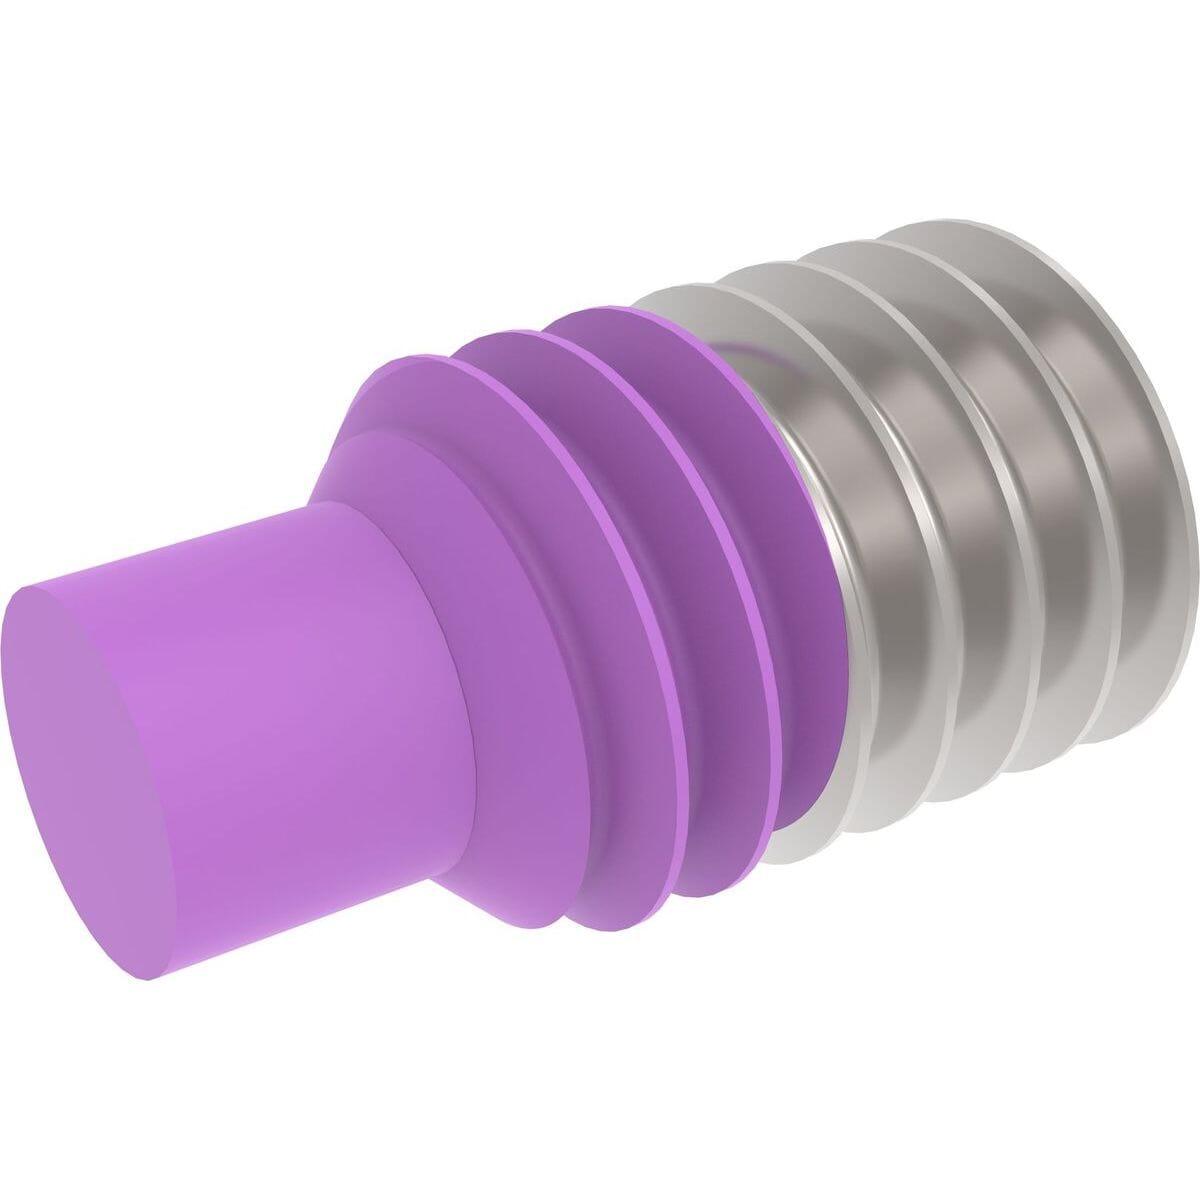 M16 x 70mm Dog Point Set / Grub Screws (DIN 915) - Thread Locking Marine Stainless Steel (A4)